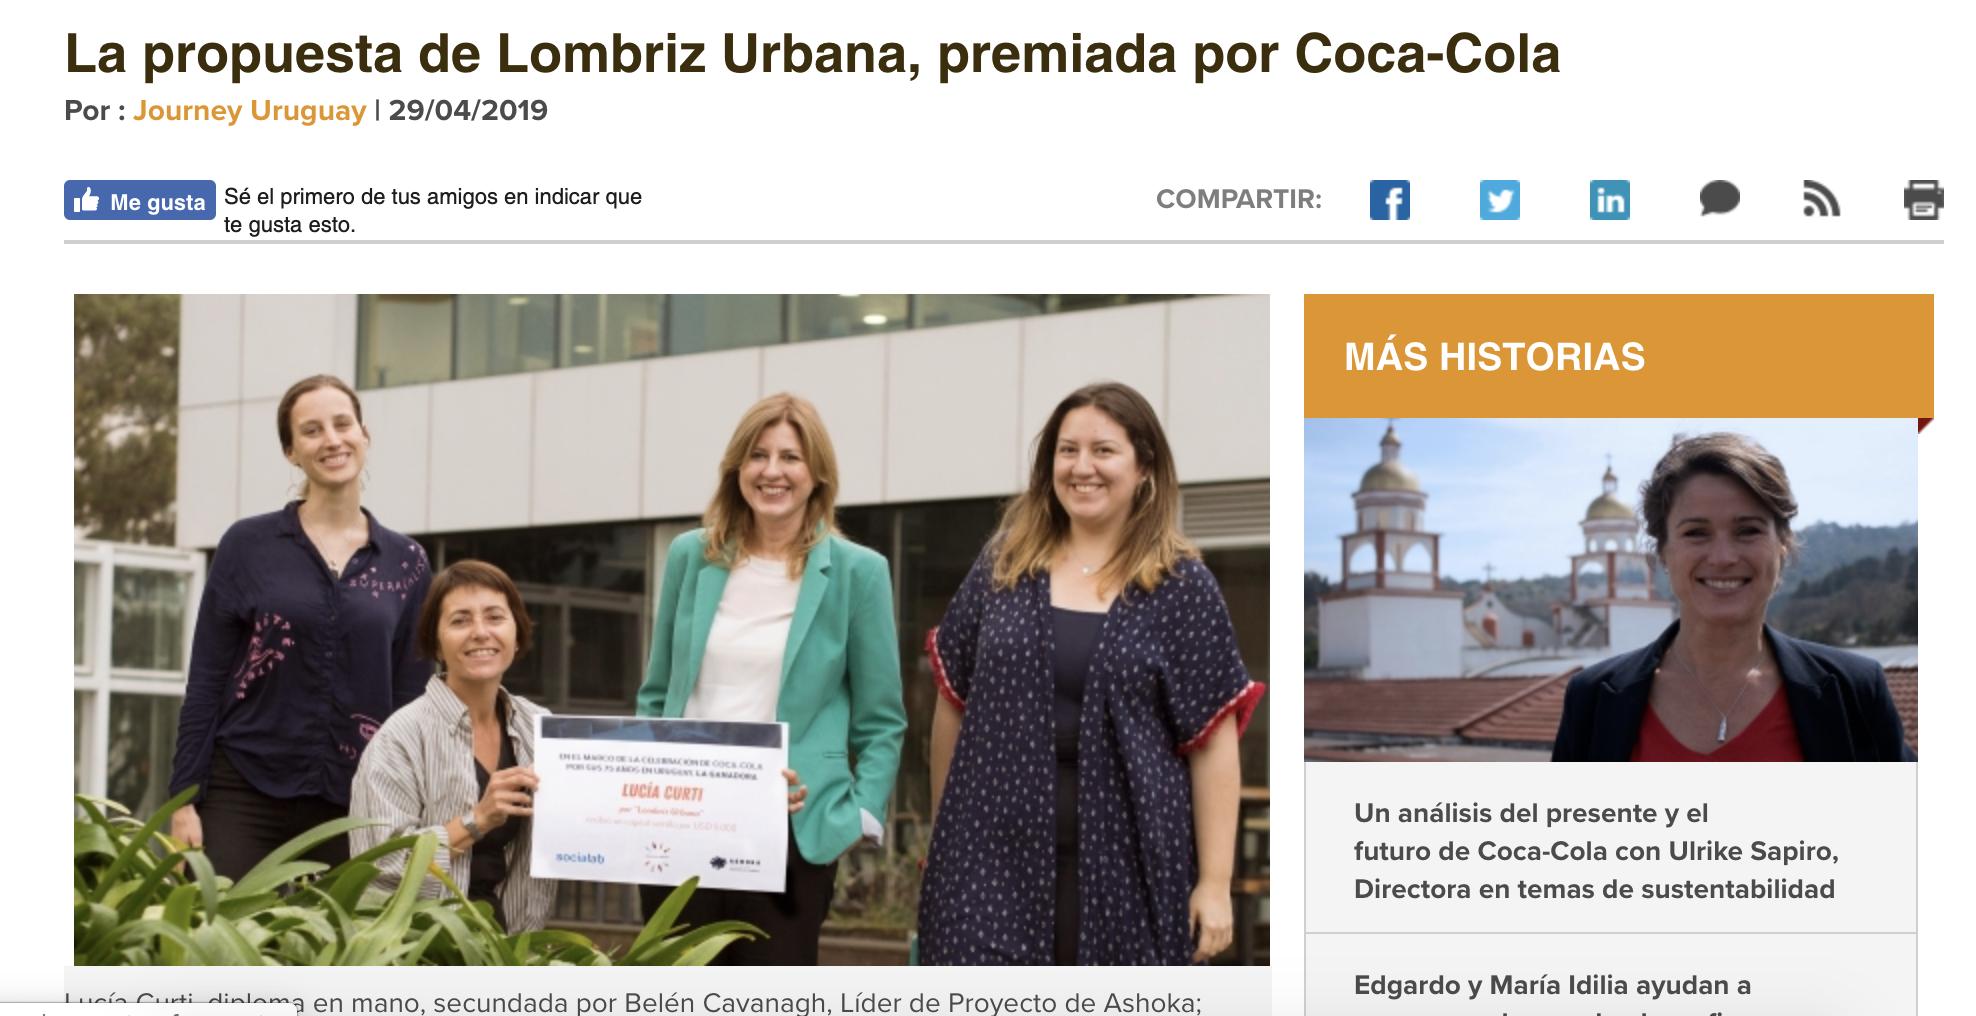 La propuesta de Lombriz Urbana, premiada por Coca-Cola -